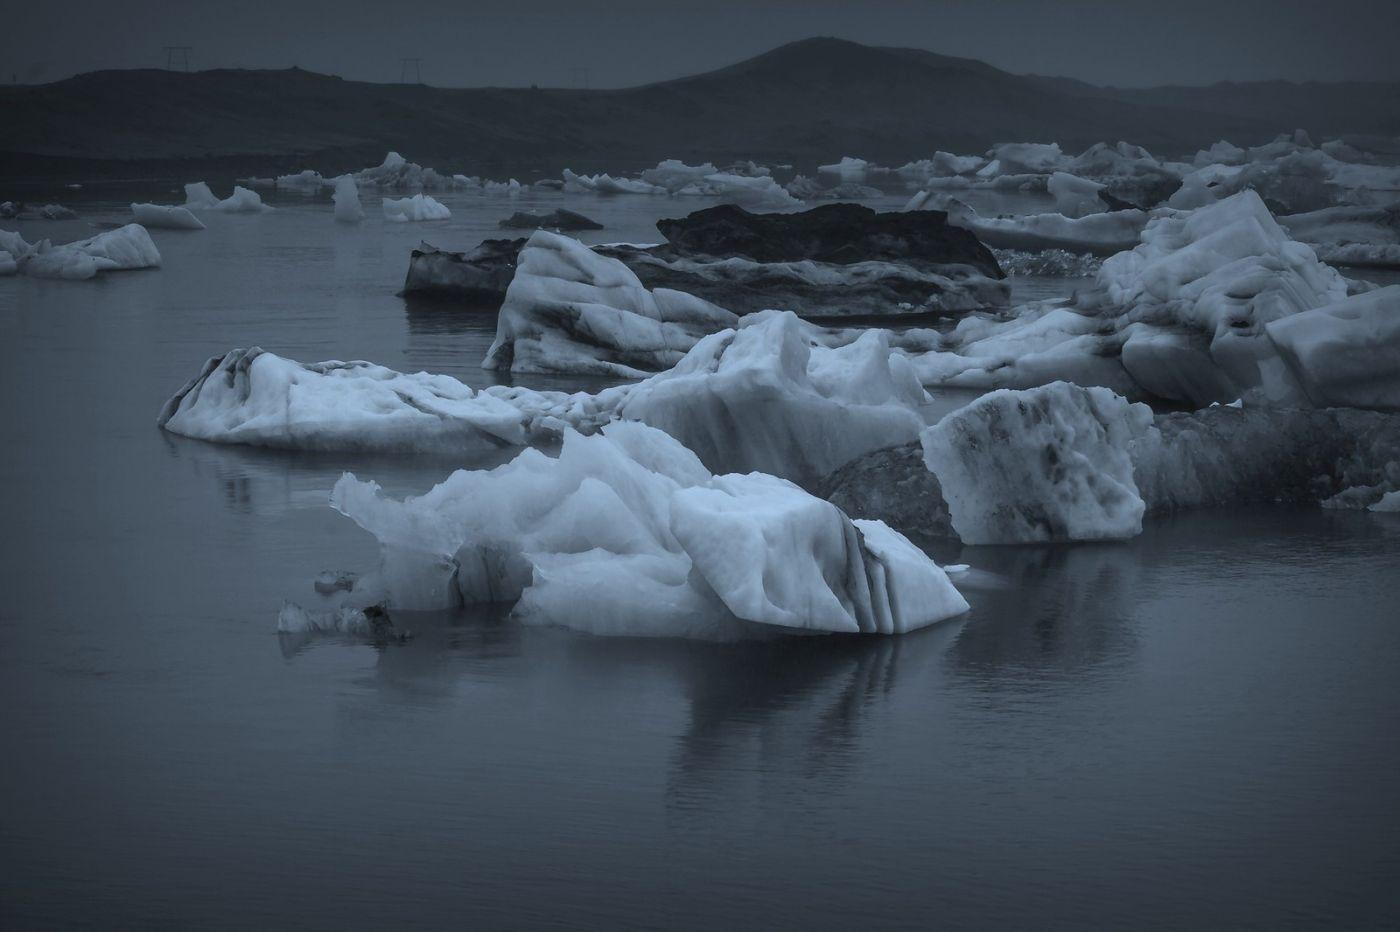 冰岛冰川泻湖(Glacier Lagoon), 湖面上冰川_图1-6